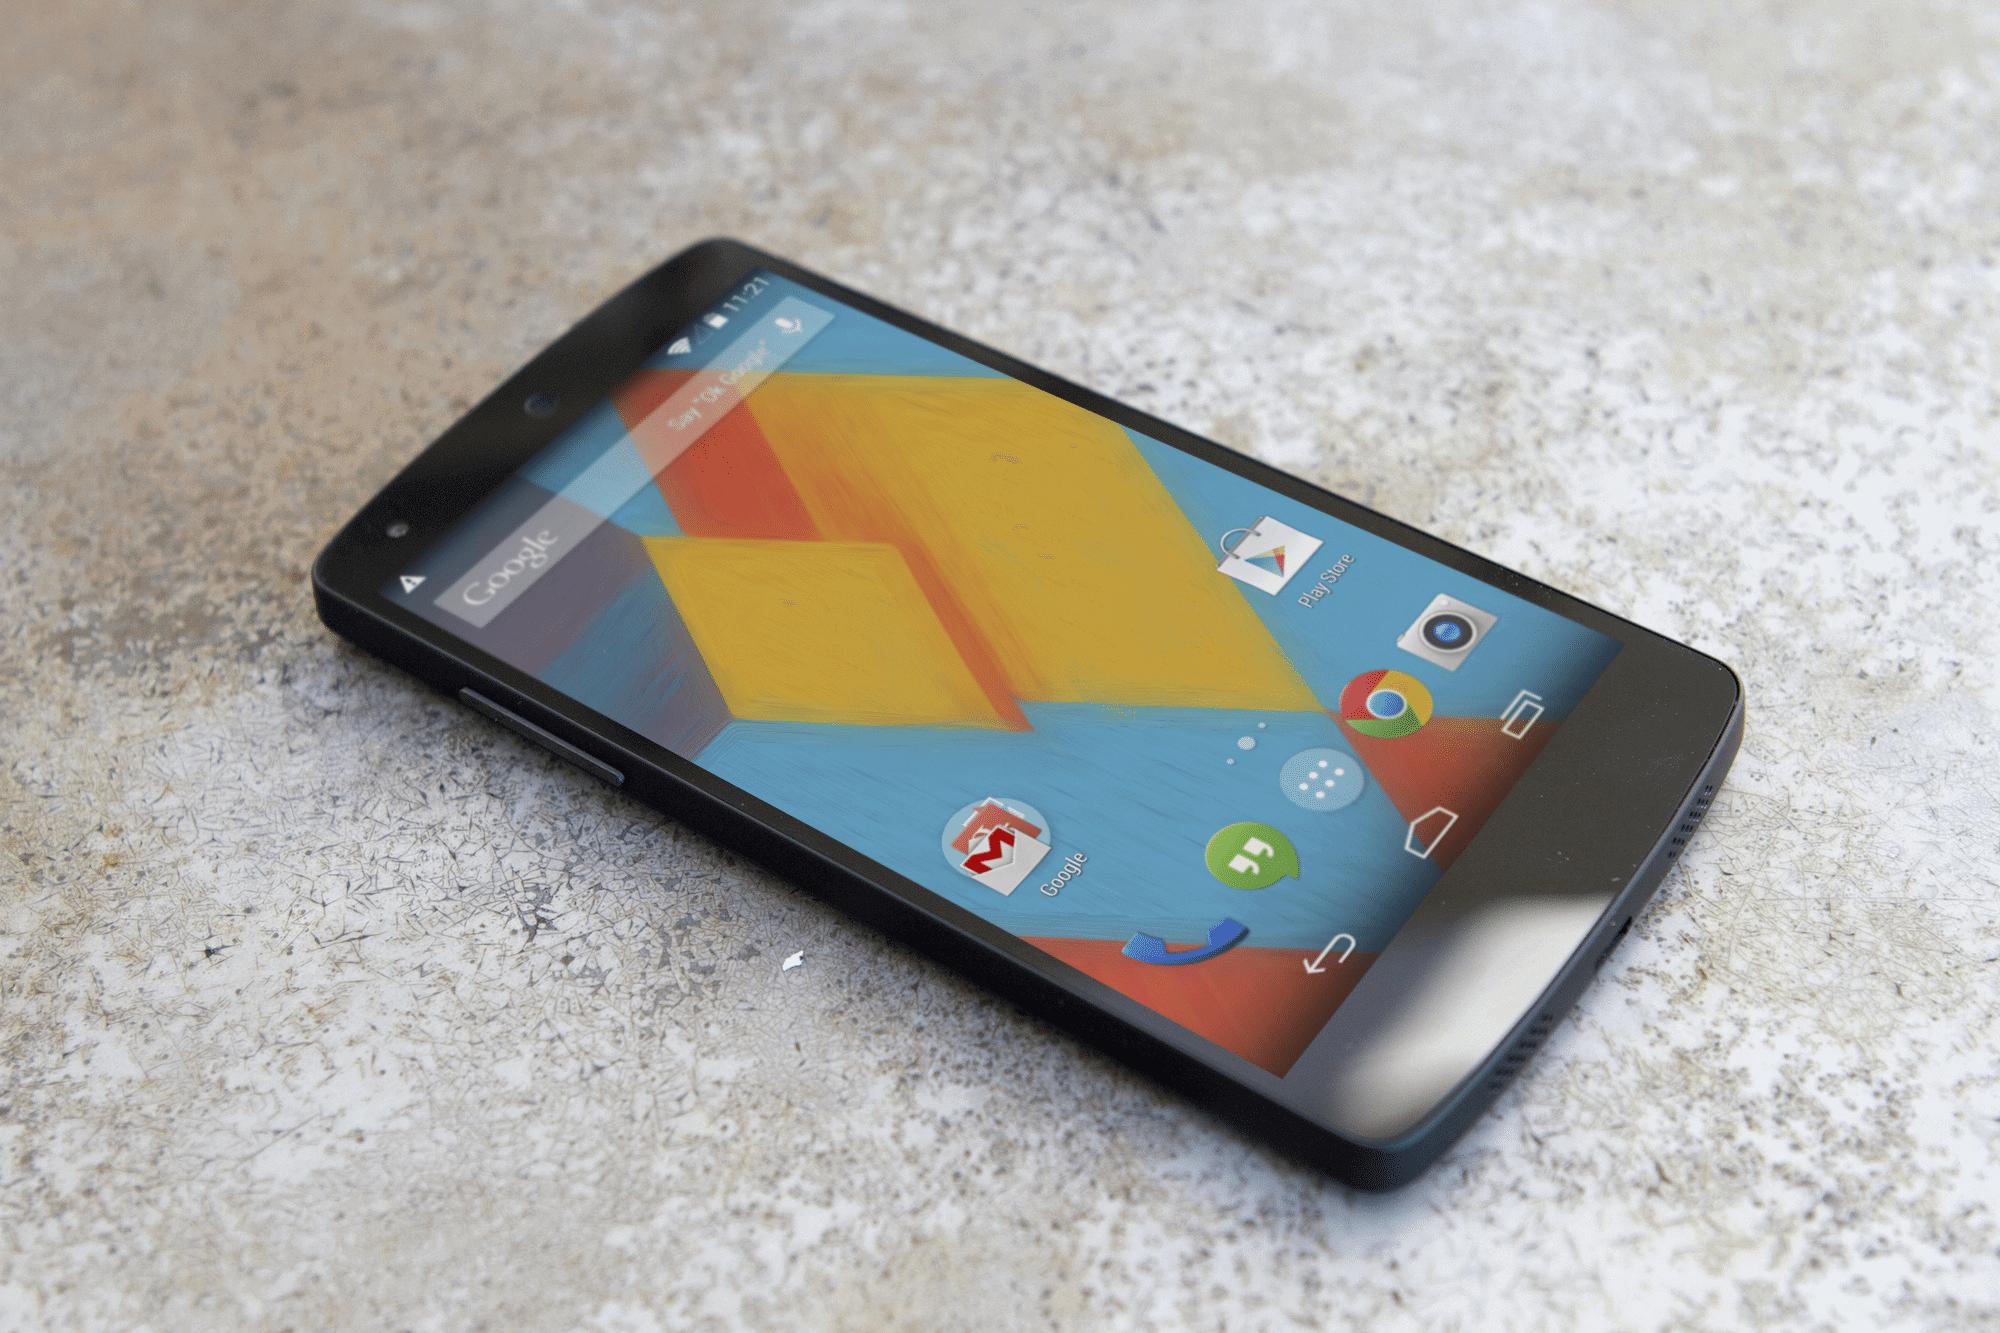 Install OctOS Android 7.1.1 Nougat Custom ROM On LG Nexus 5 1